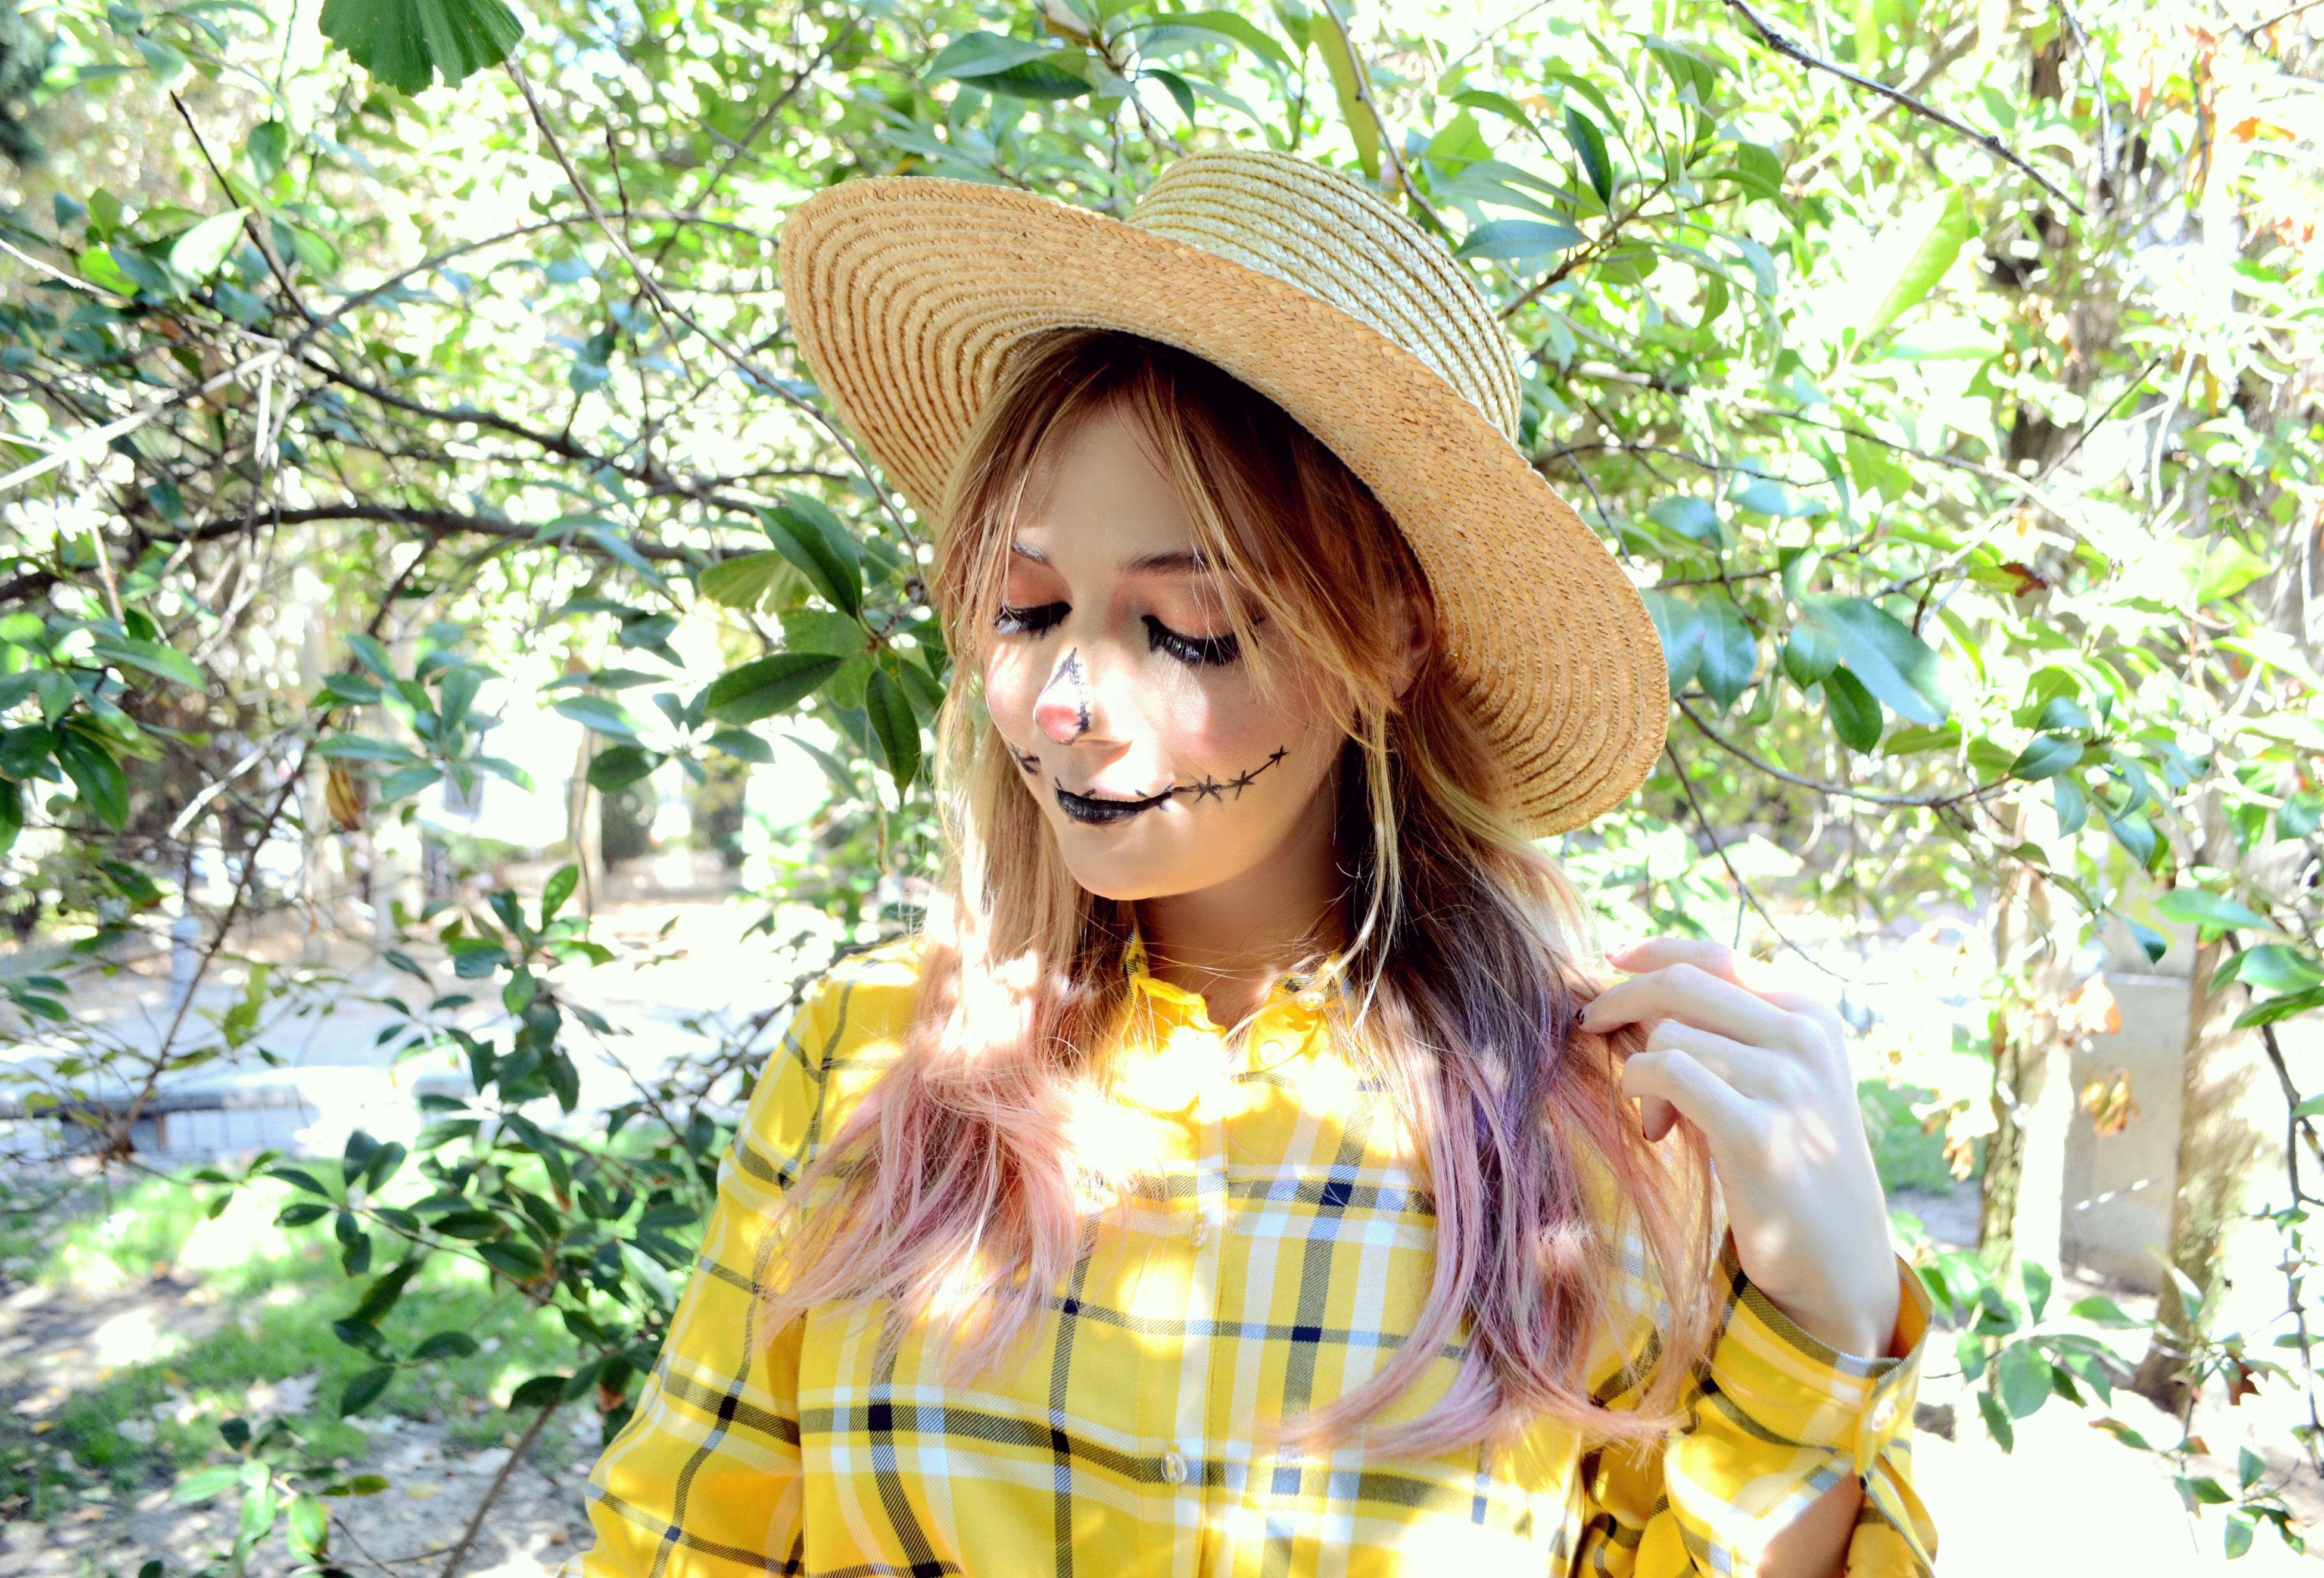 Blog-de-moda-ChicAdicta-influencer-Chic-Adicta-maquillaje-de-halloween-urvan-fashionista-Madrid-pink-hair-PiensaenChic-Piensa-en-Chic